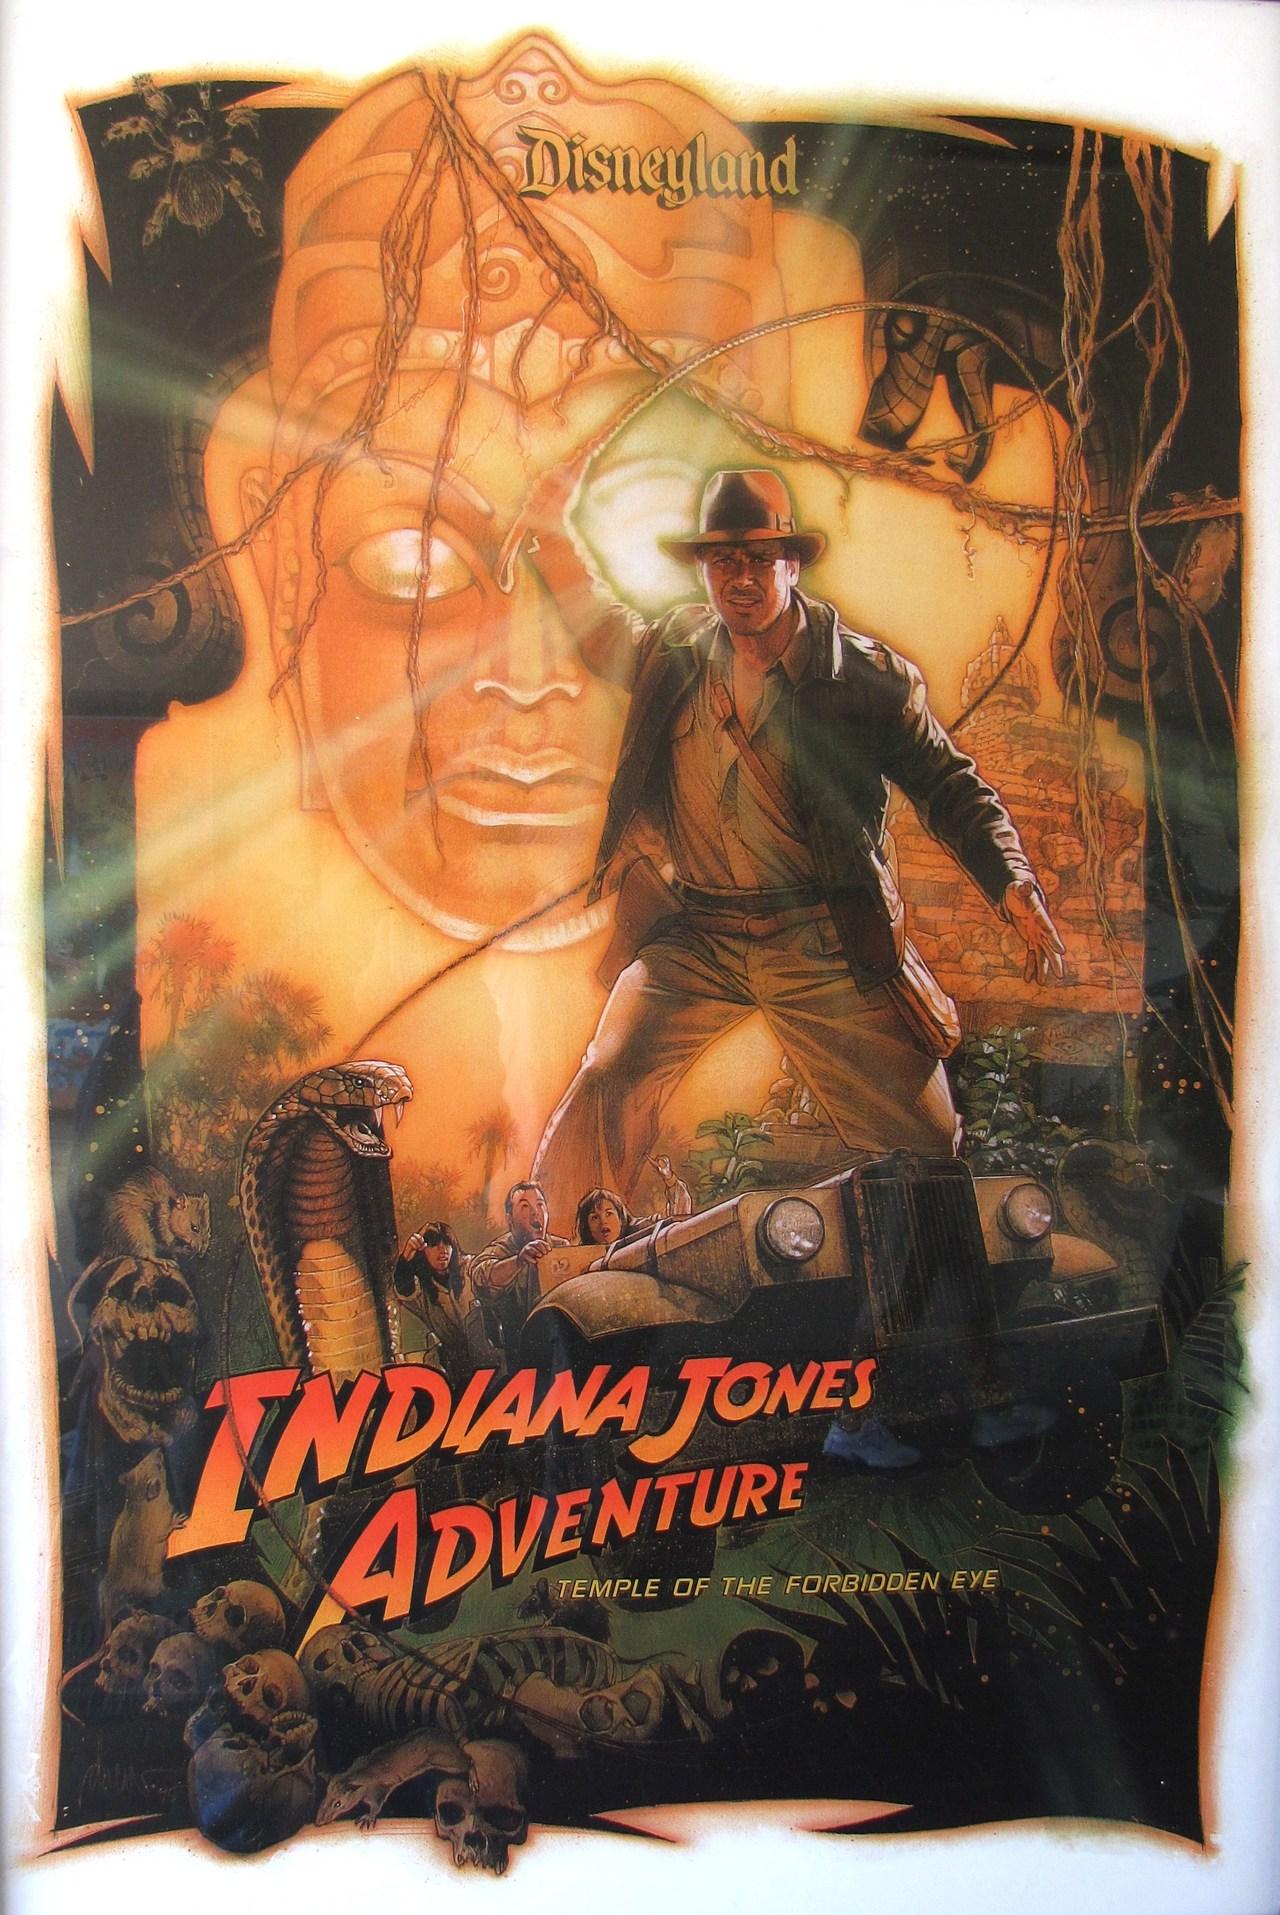 Indiana Jones Adventure: Temple of the Forbidden Eye